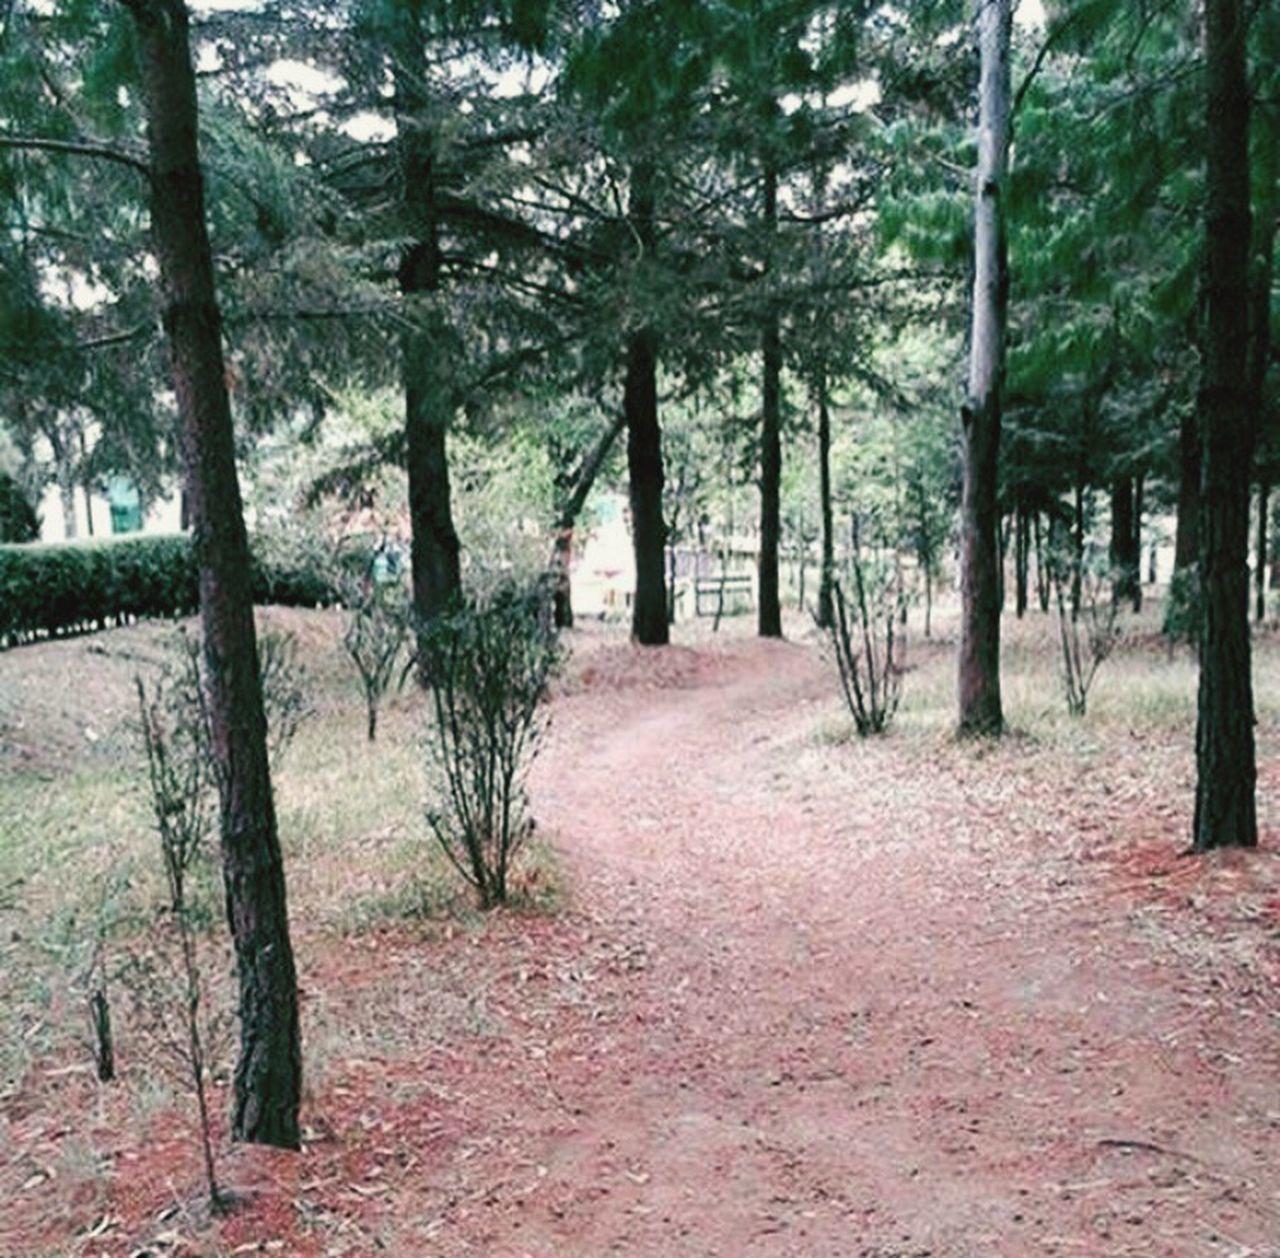 Sé que el camino será largo, pero a tu lado podrá hacerse corto 💘v💘 Amor Visitmexico Arboles Paz Camino Naturaleza Bosque Maravillas De La Naruraleza Sentimientos